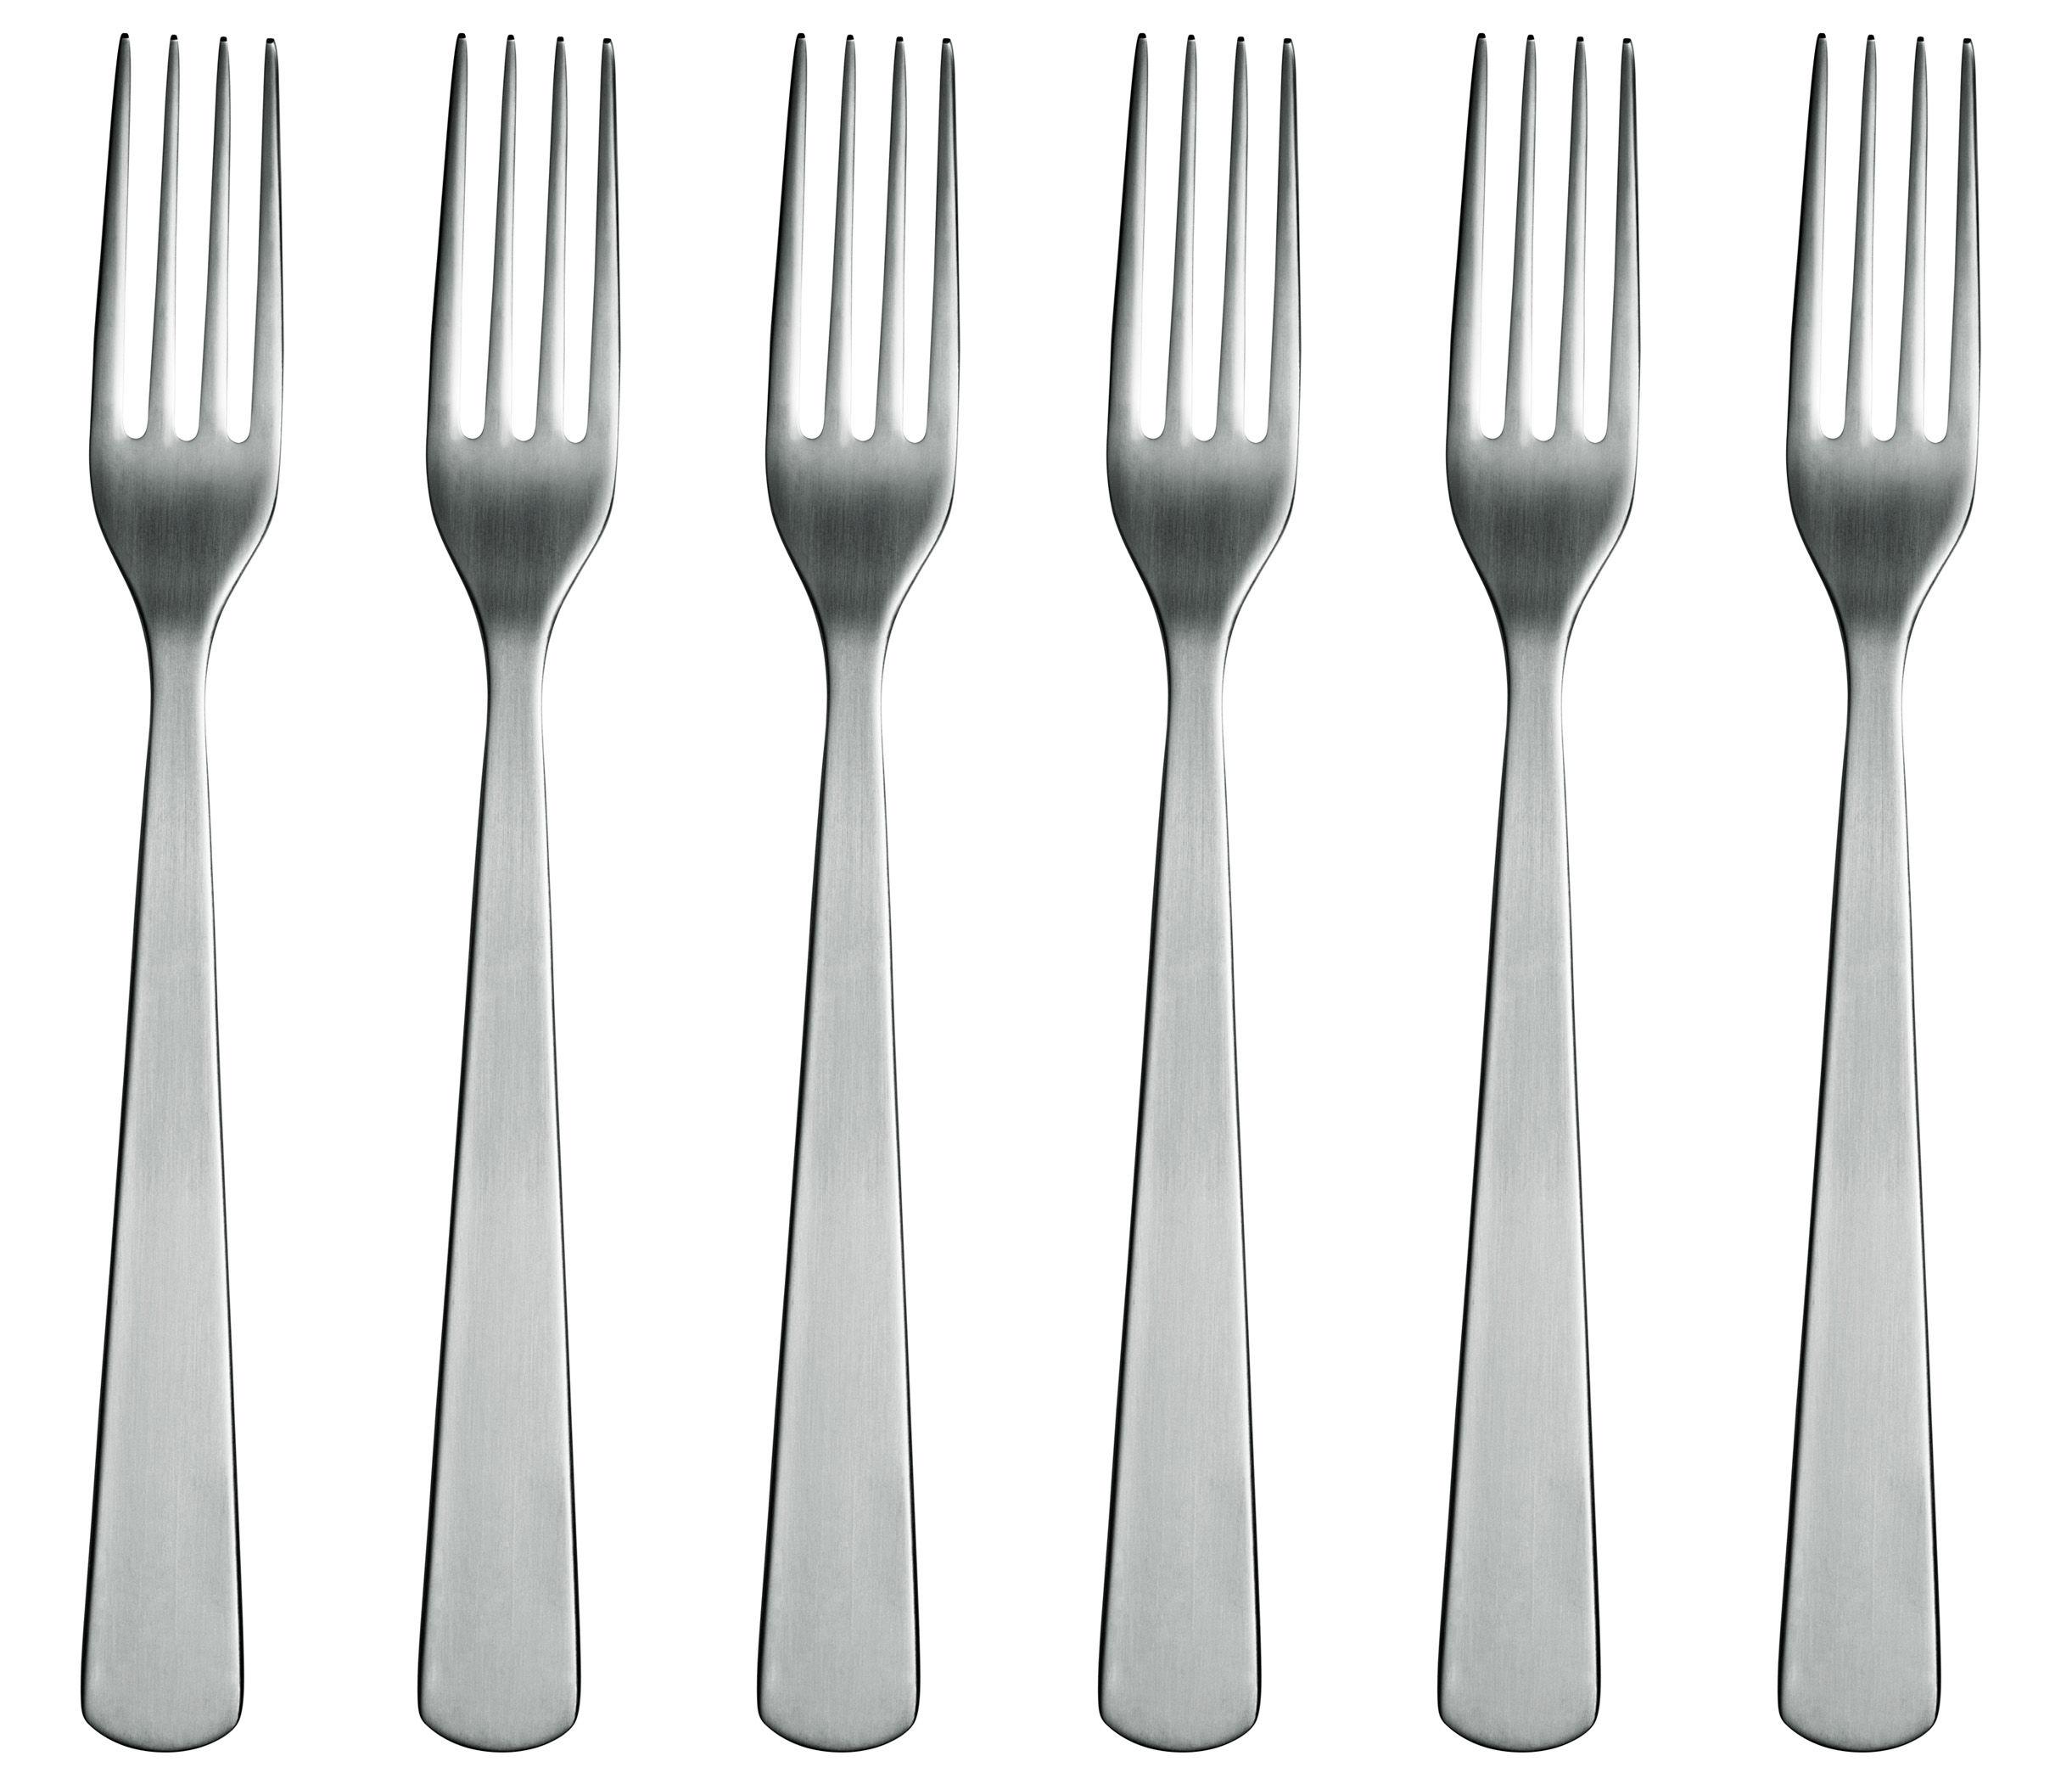 Tableware - Cutlery - Normann Fork - Set of 6 forks by Normann Copenhagen - Mat steel - Steel